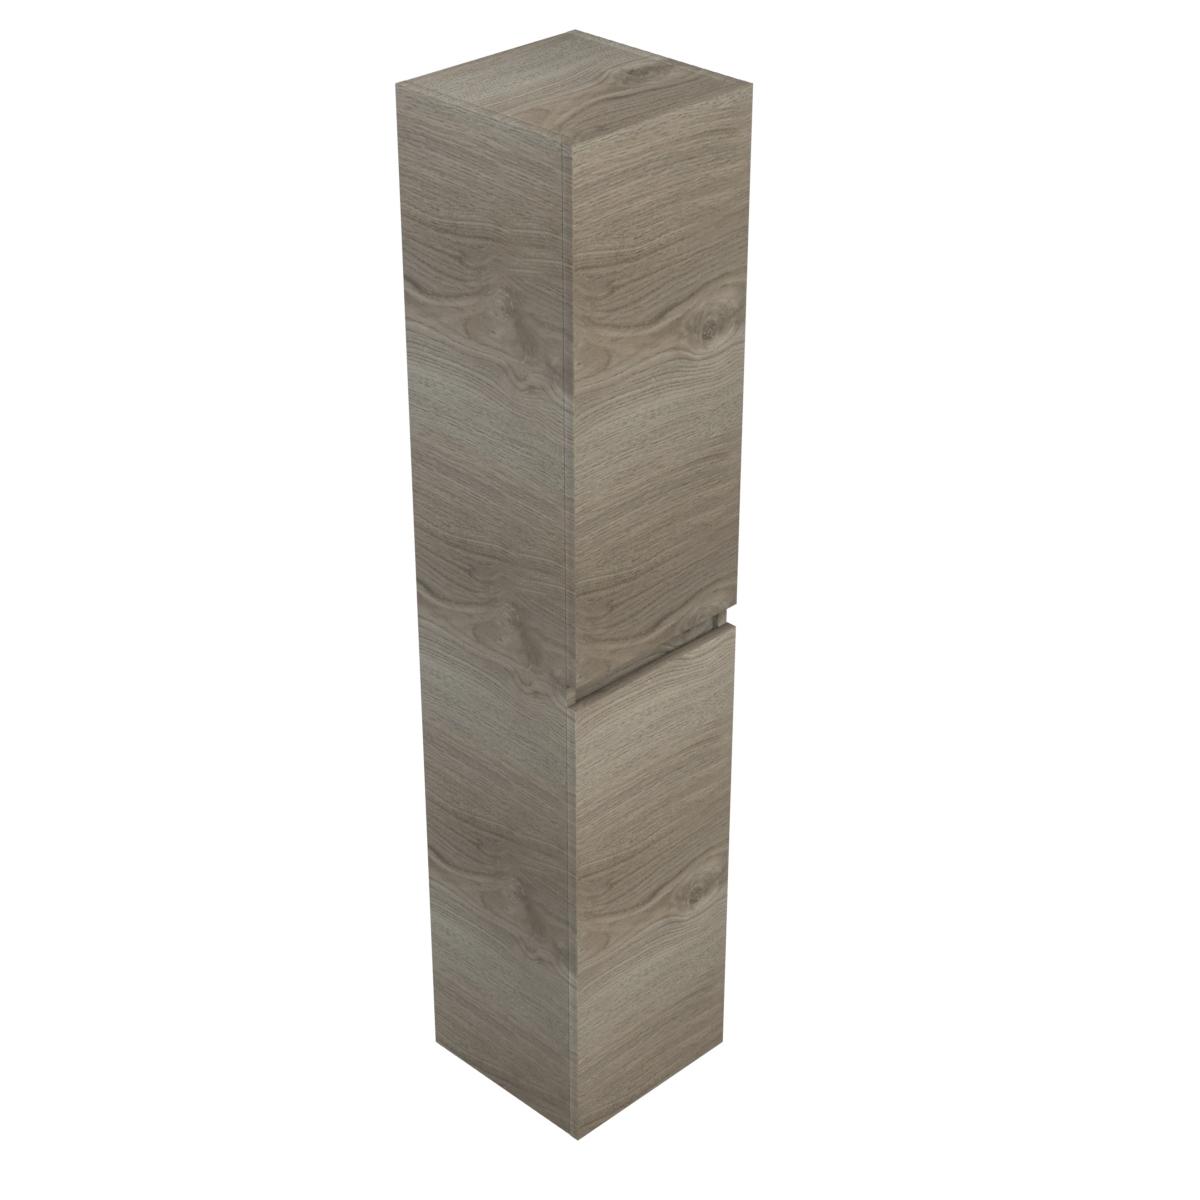 Galva Take It kolomkast 170x35x35 zilver eiken